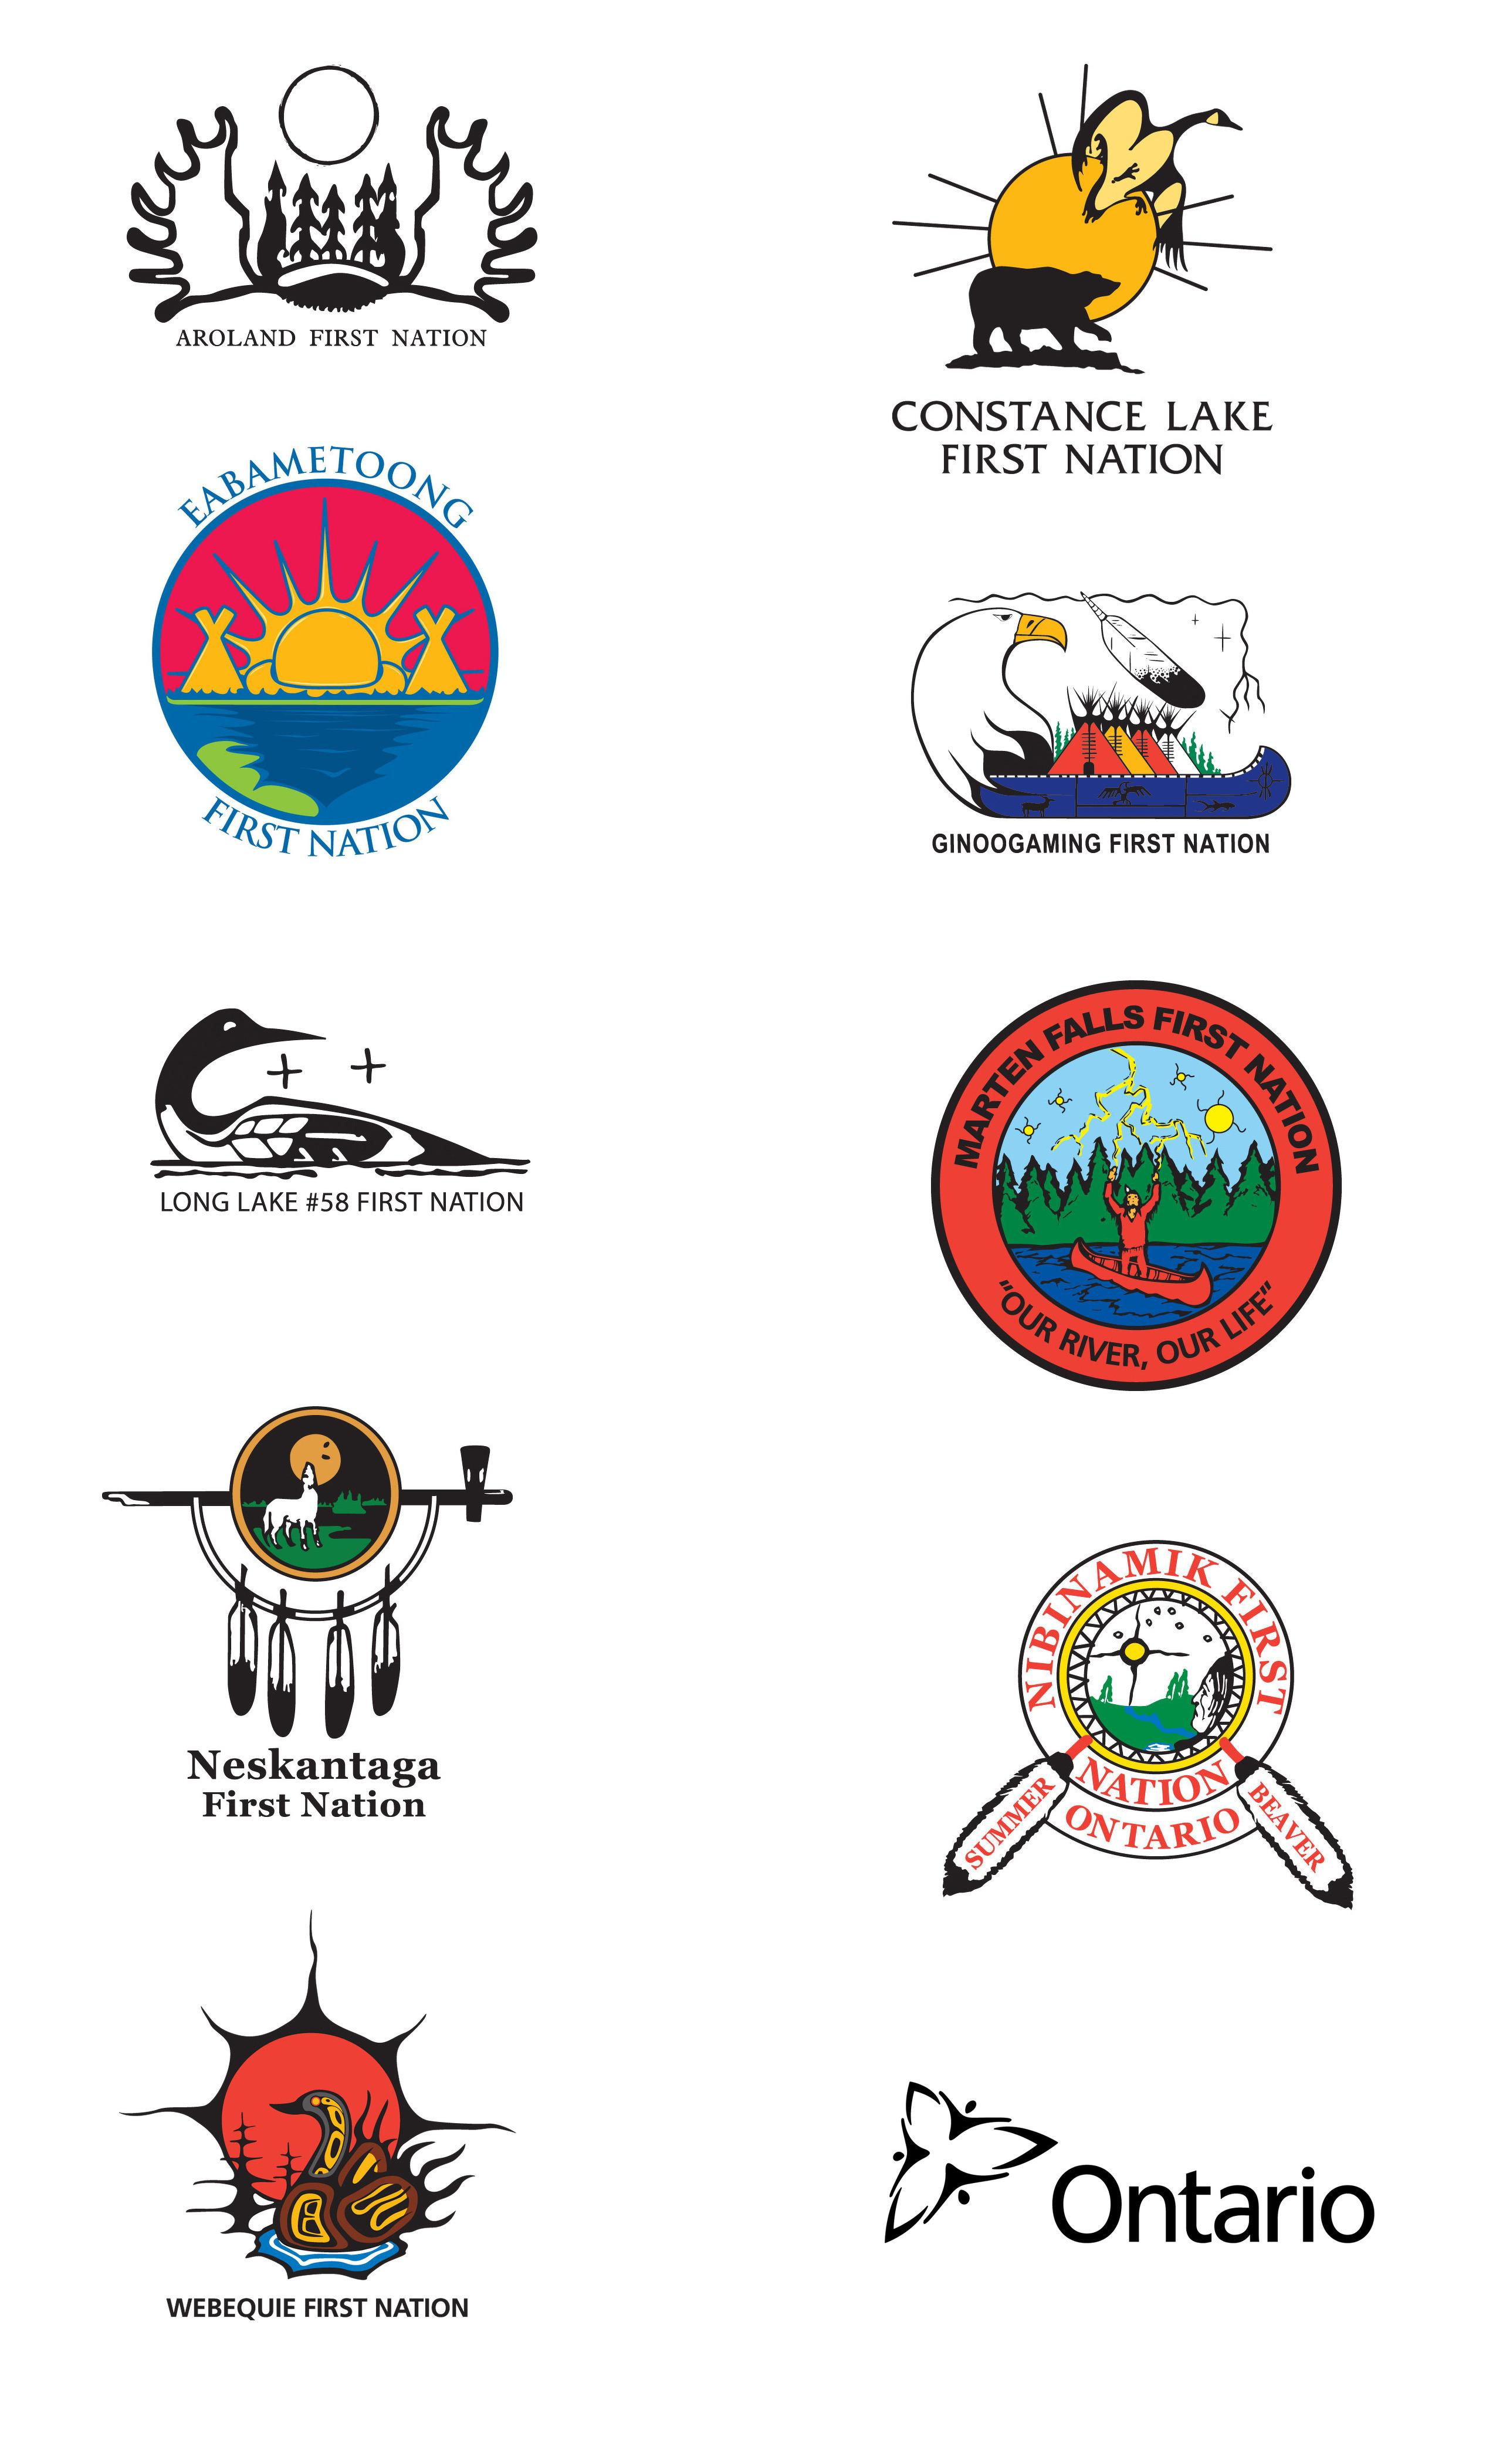 Logos pour: Première Nation d'Aroland, Première Nation de Constance Lake, Première Nation d'Eabametoong, Première Nation de Ginoogaming, Première Nation de Long Lake #58, Première Nation de Marten Falls, Première Nation de Neskantaga, Première Nation de Nibinamik, Première Nation de Webequie et la Province de l'Ontario.